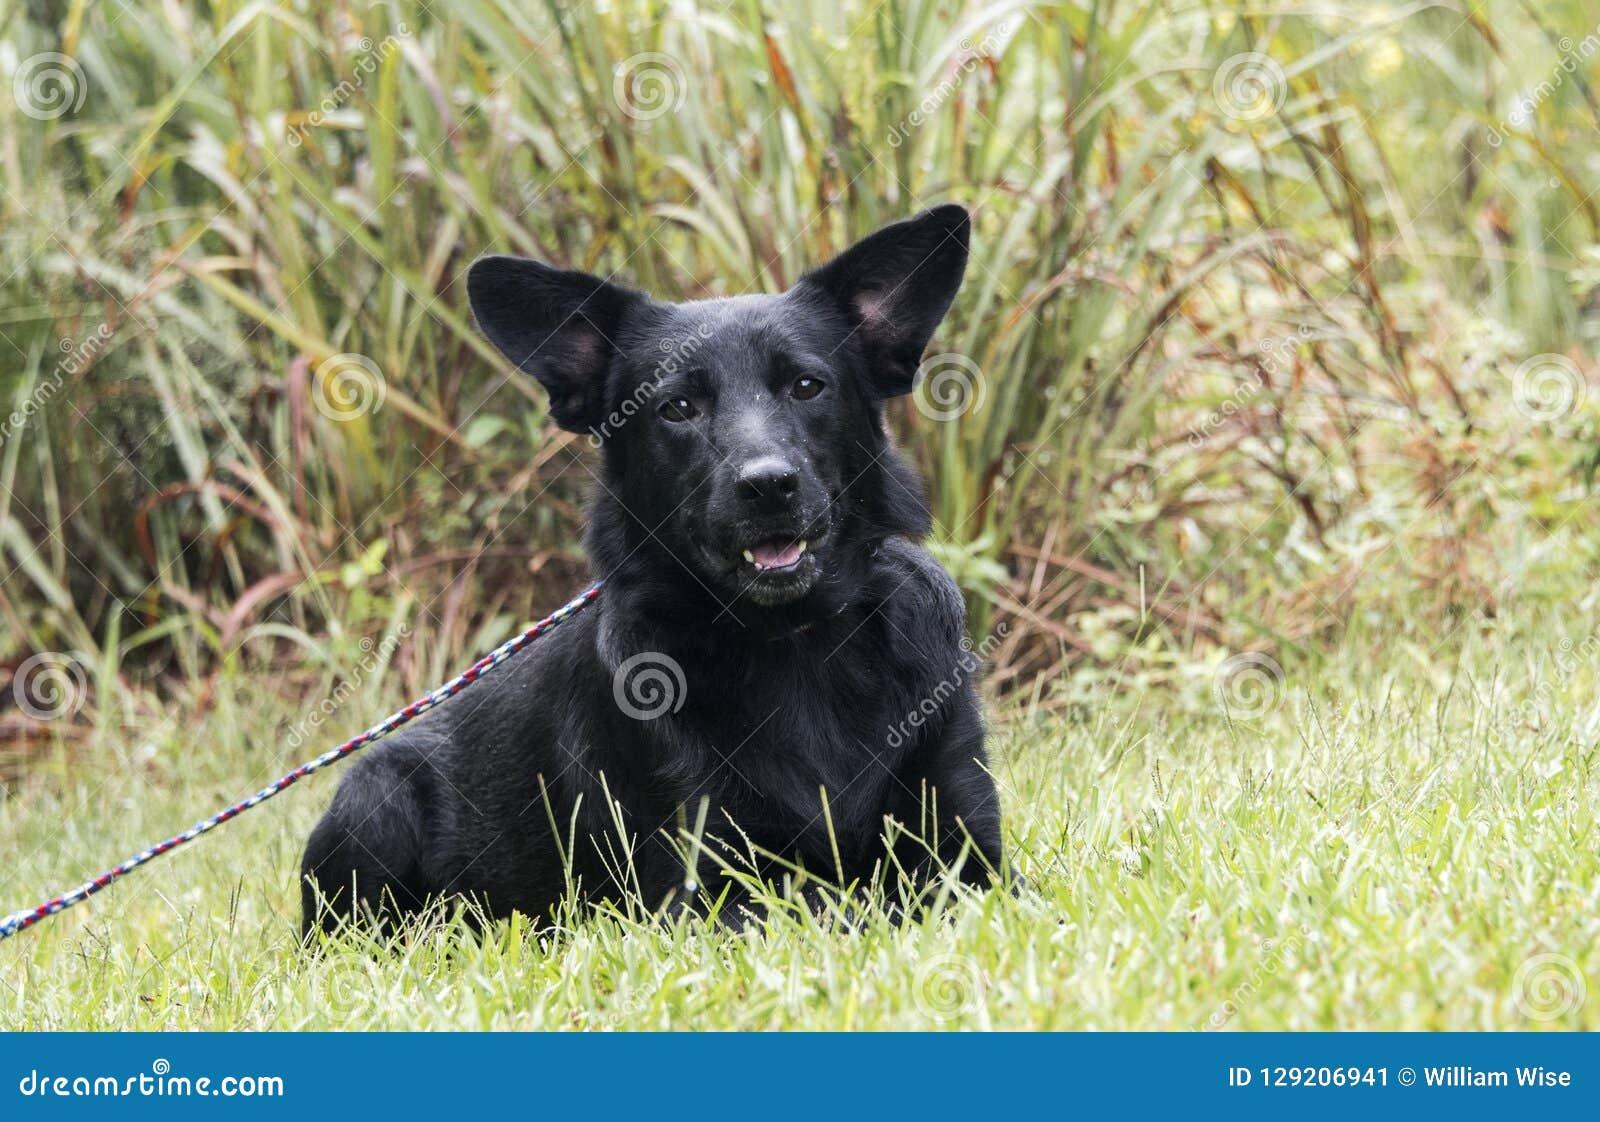 Black German Shepherd mix dog laying down